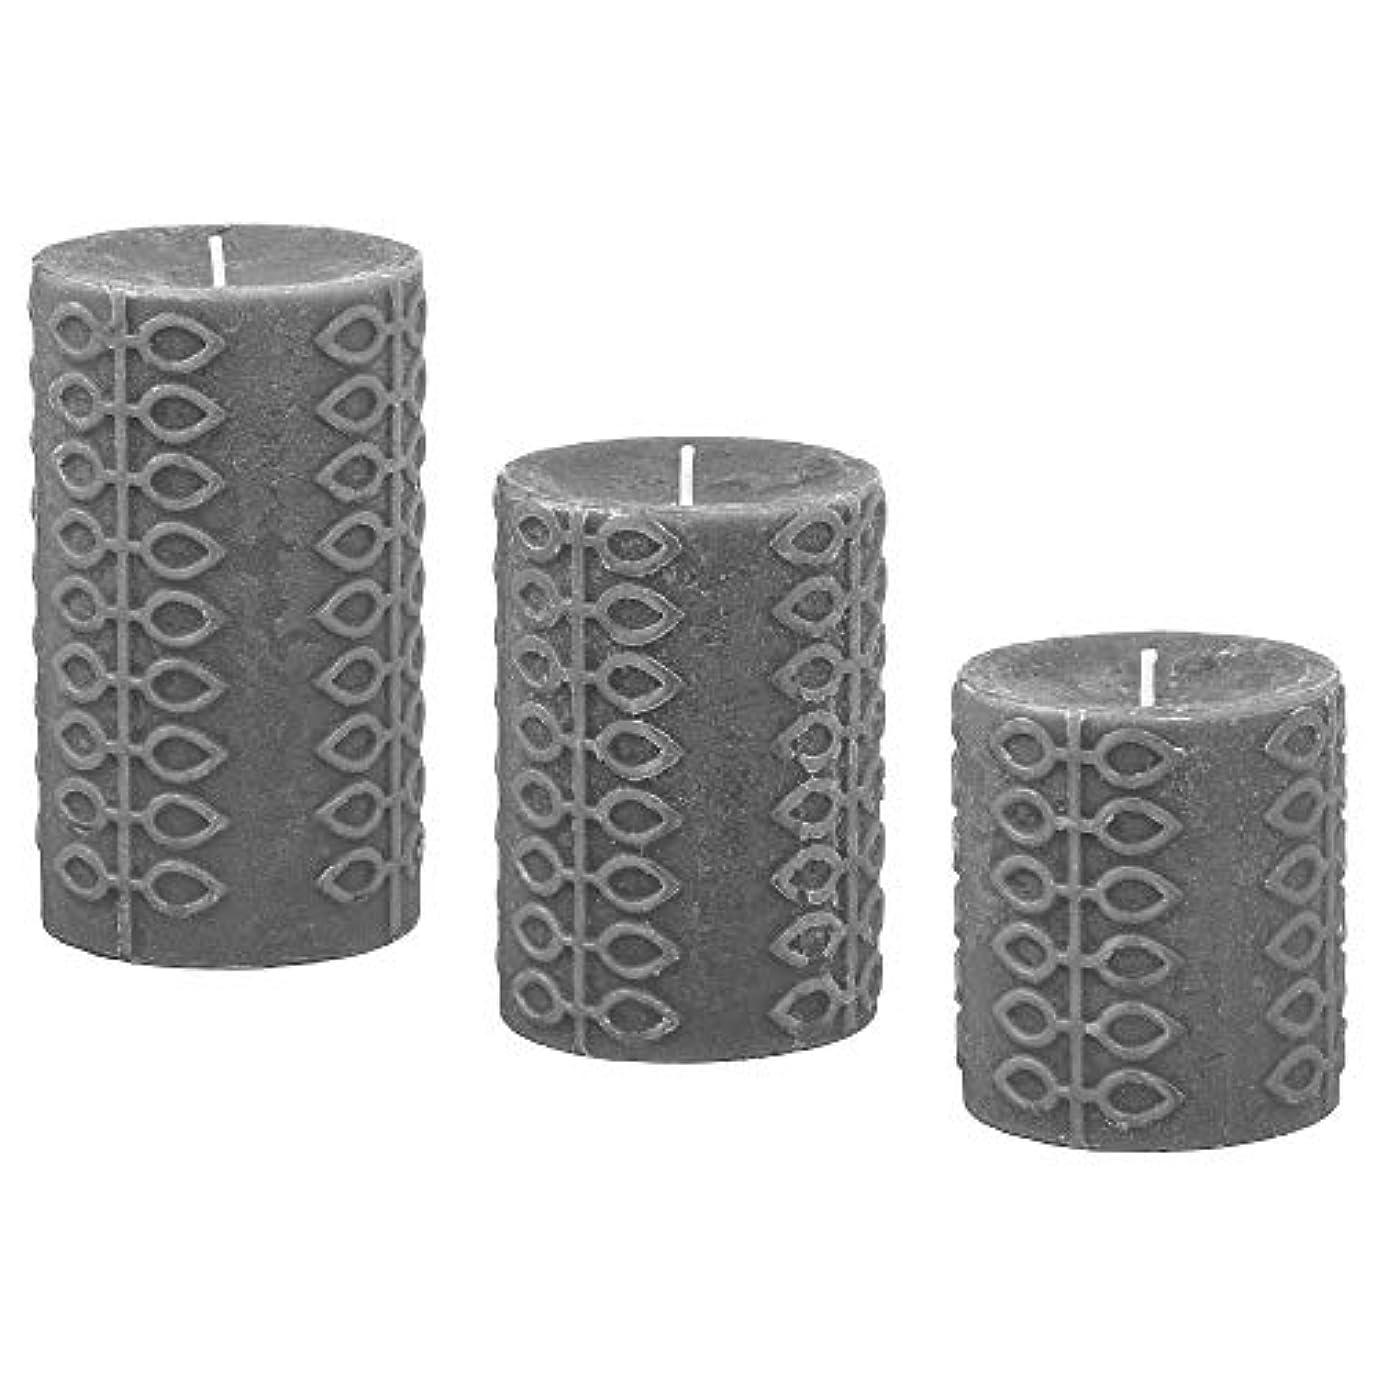 不満モデレータ敬IKEA/イケア NJUTNING:香り付きブロックキャンドル3個セット 花開くベルガモット/グレー(303.505.15)